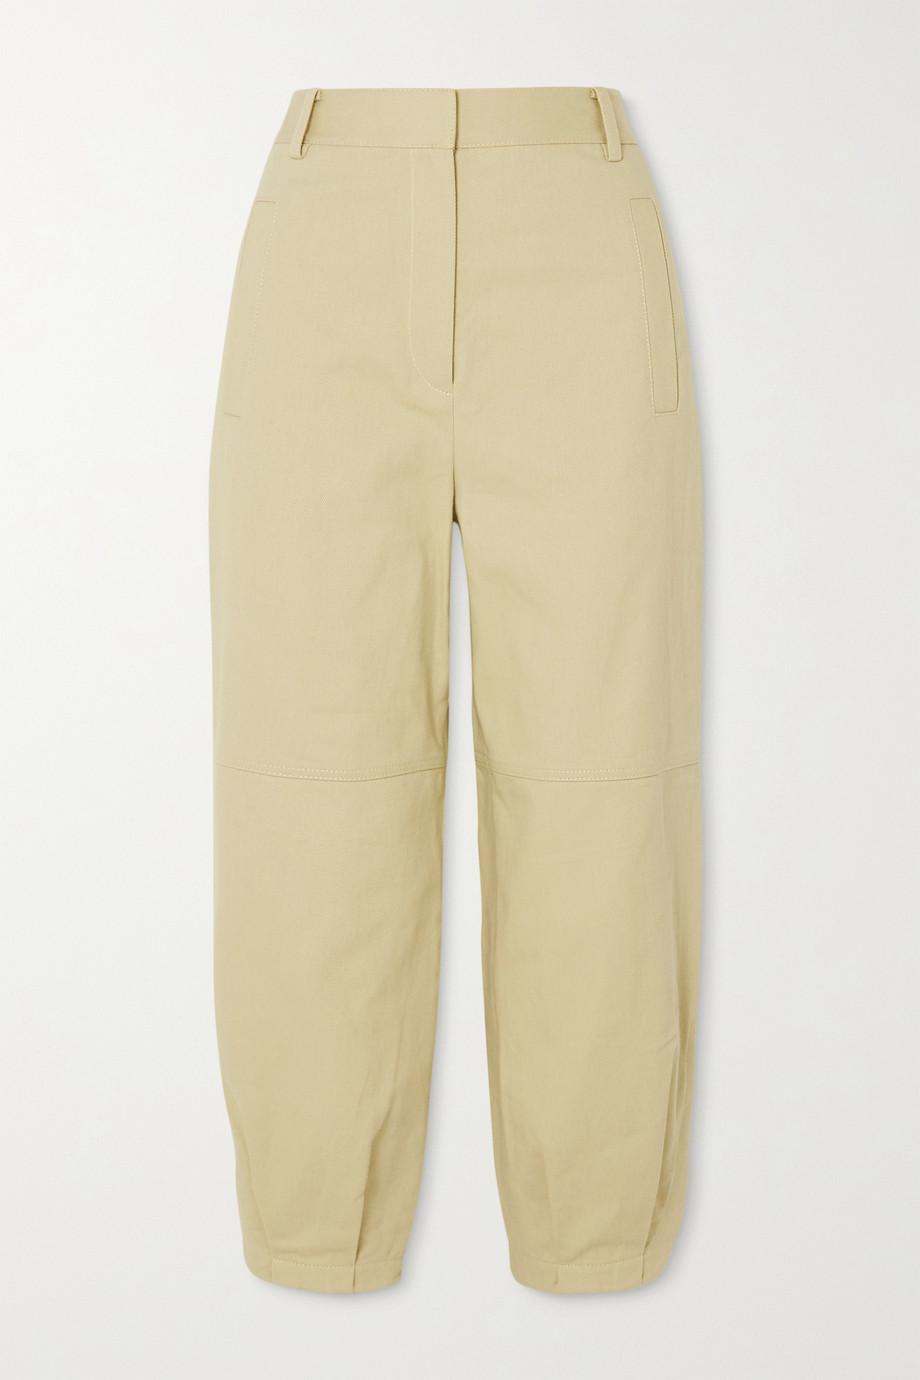 Tibi 纯棉斜纹布锥形裤